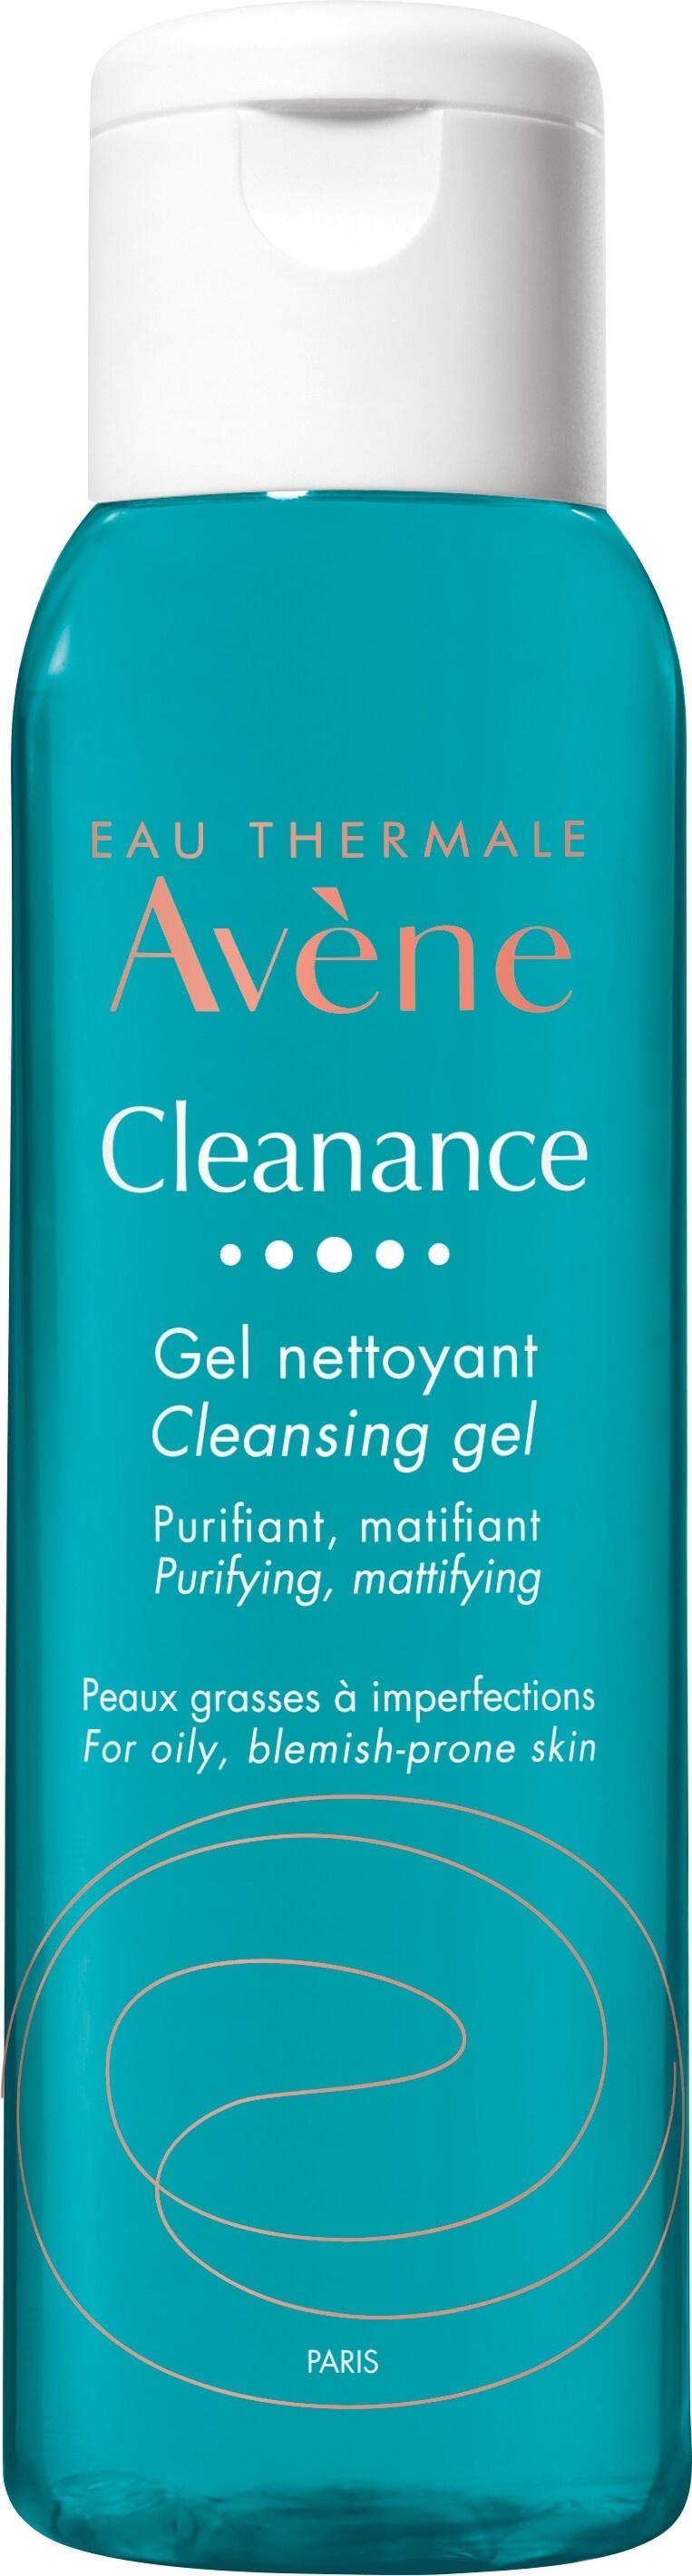 Avene Cleanance Soapless Gel Cleanser 100ml